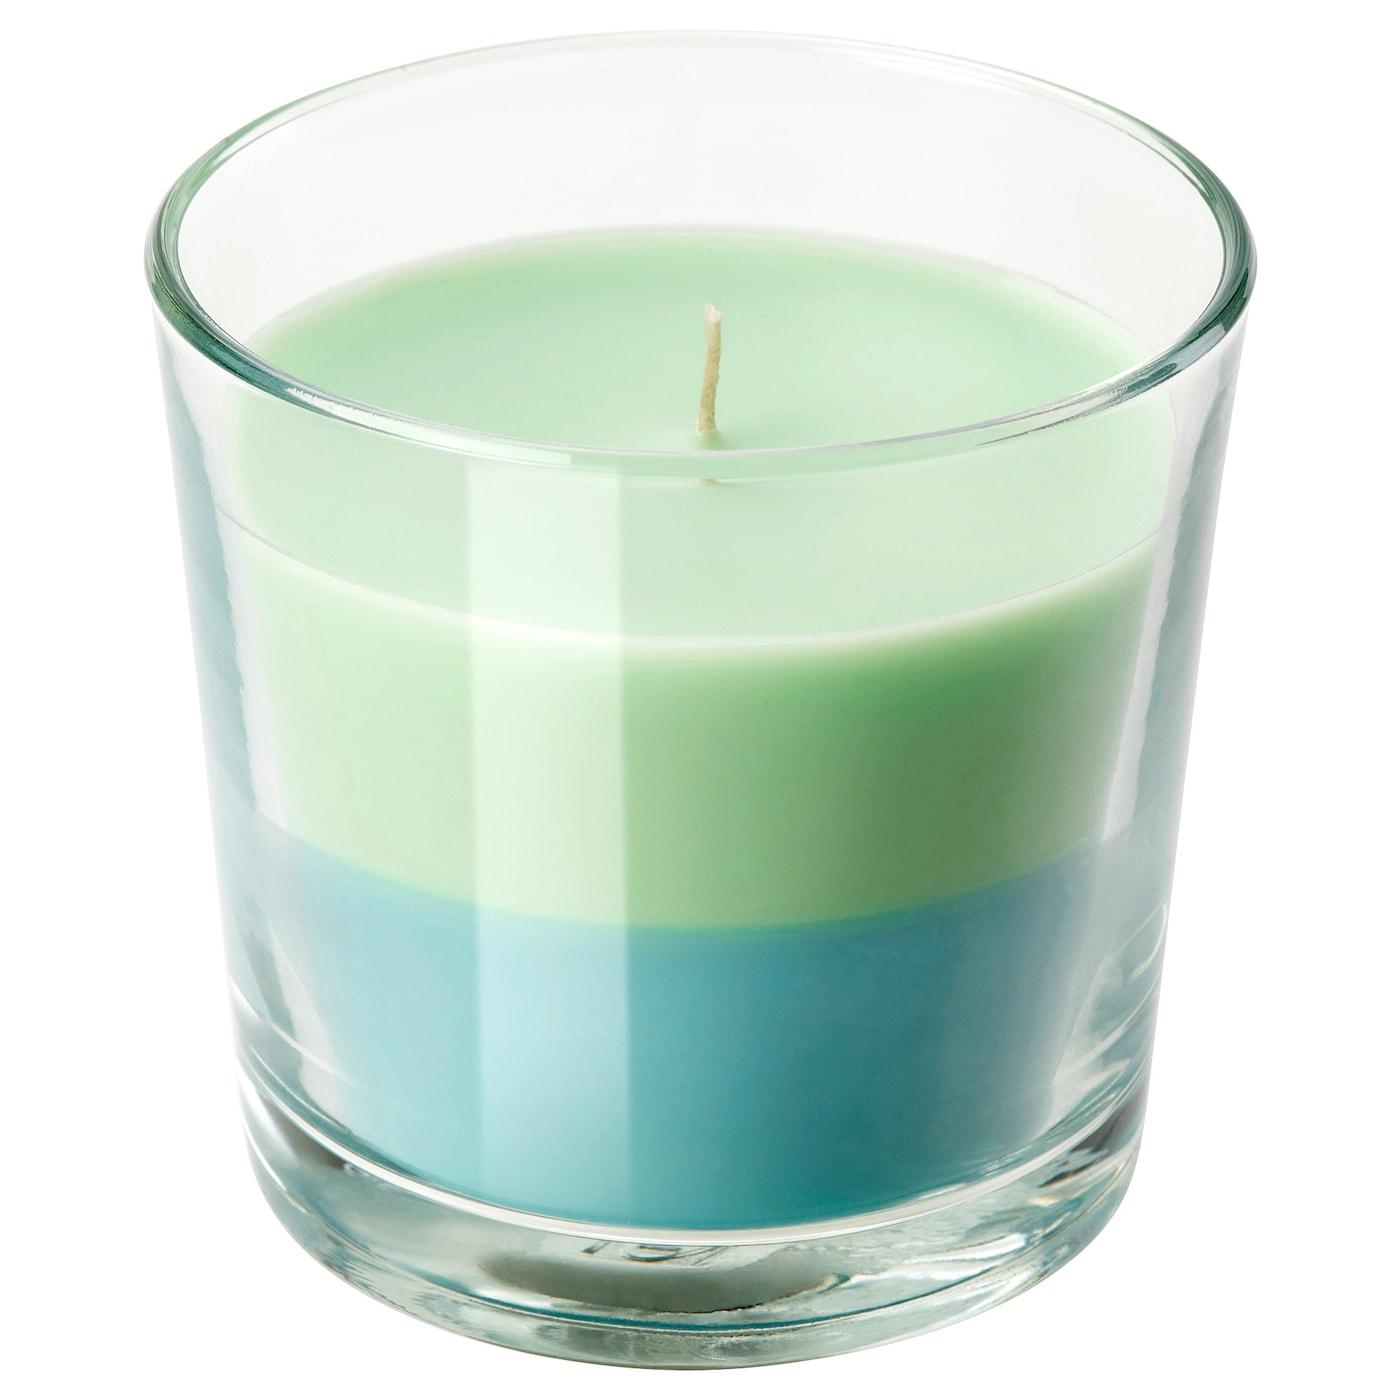 sommar 2018 bougie parfum e dans verre citron vert et menthe vert bleu 9 cm ikea. Black Bedroom Furniture Sets. Home Design Ideas